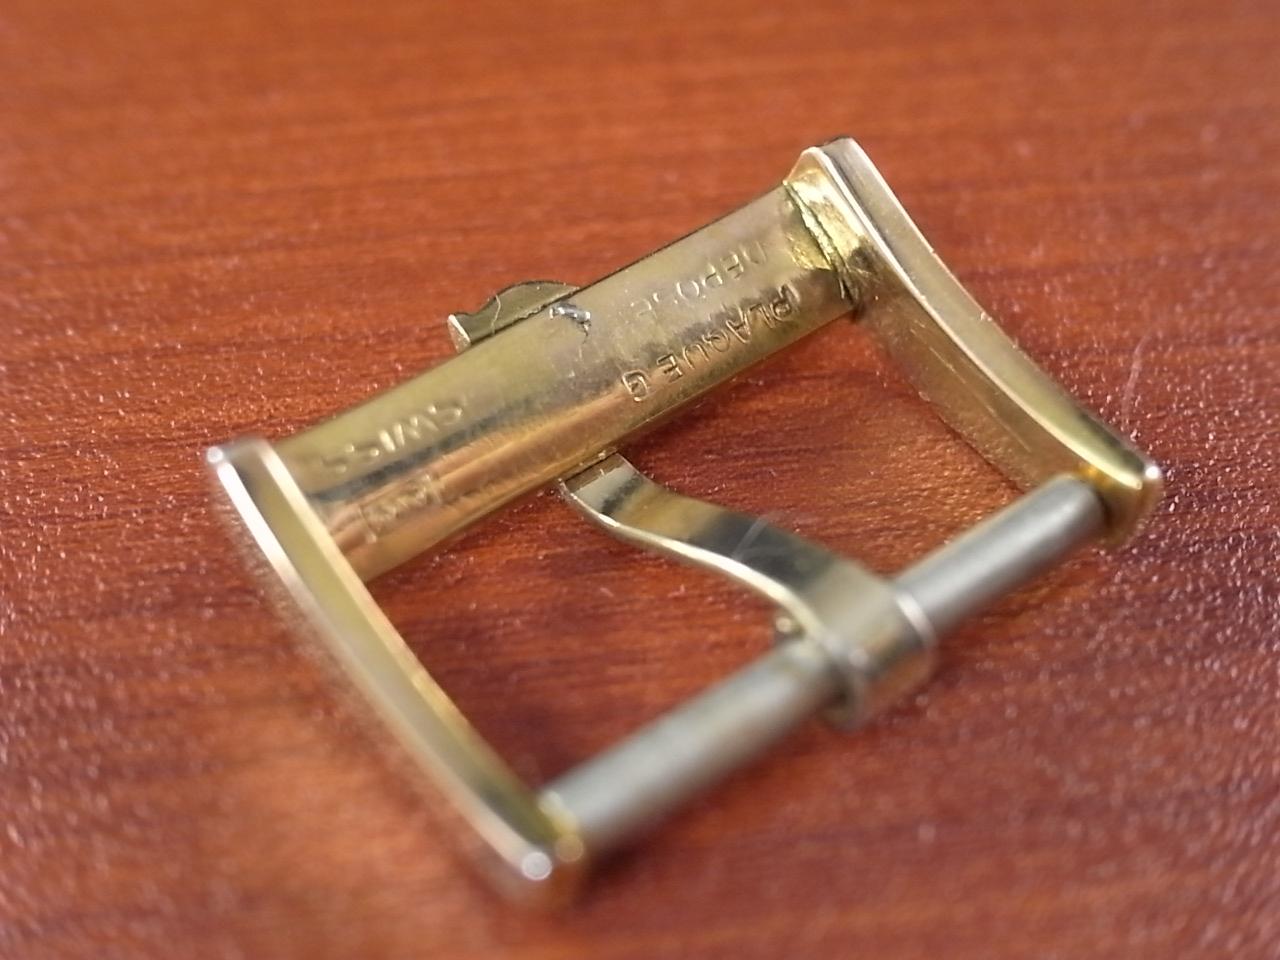 シーマ アンティーク尾錠 GP 16mm 1950年代の写真4枚目